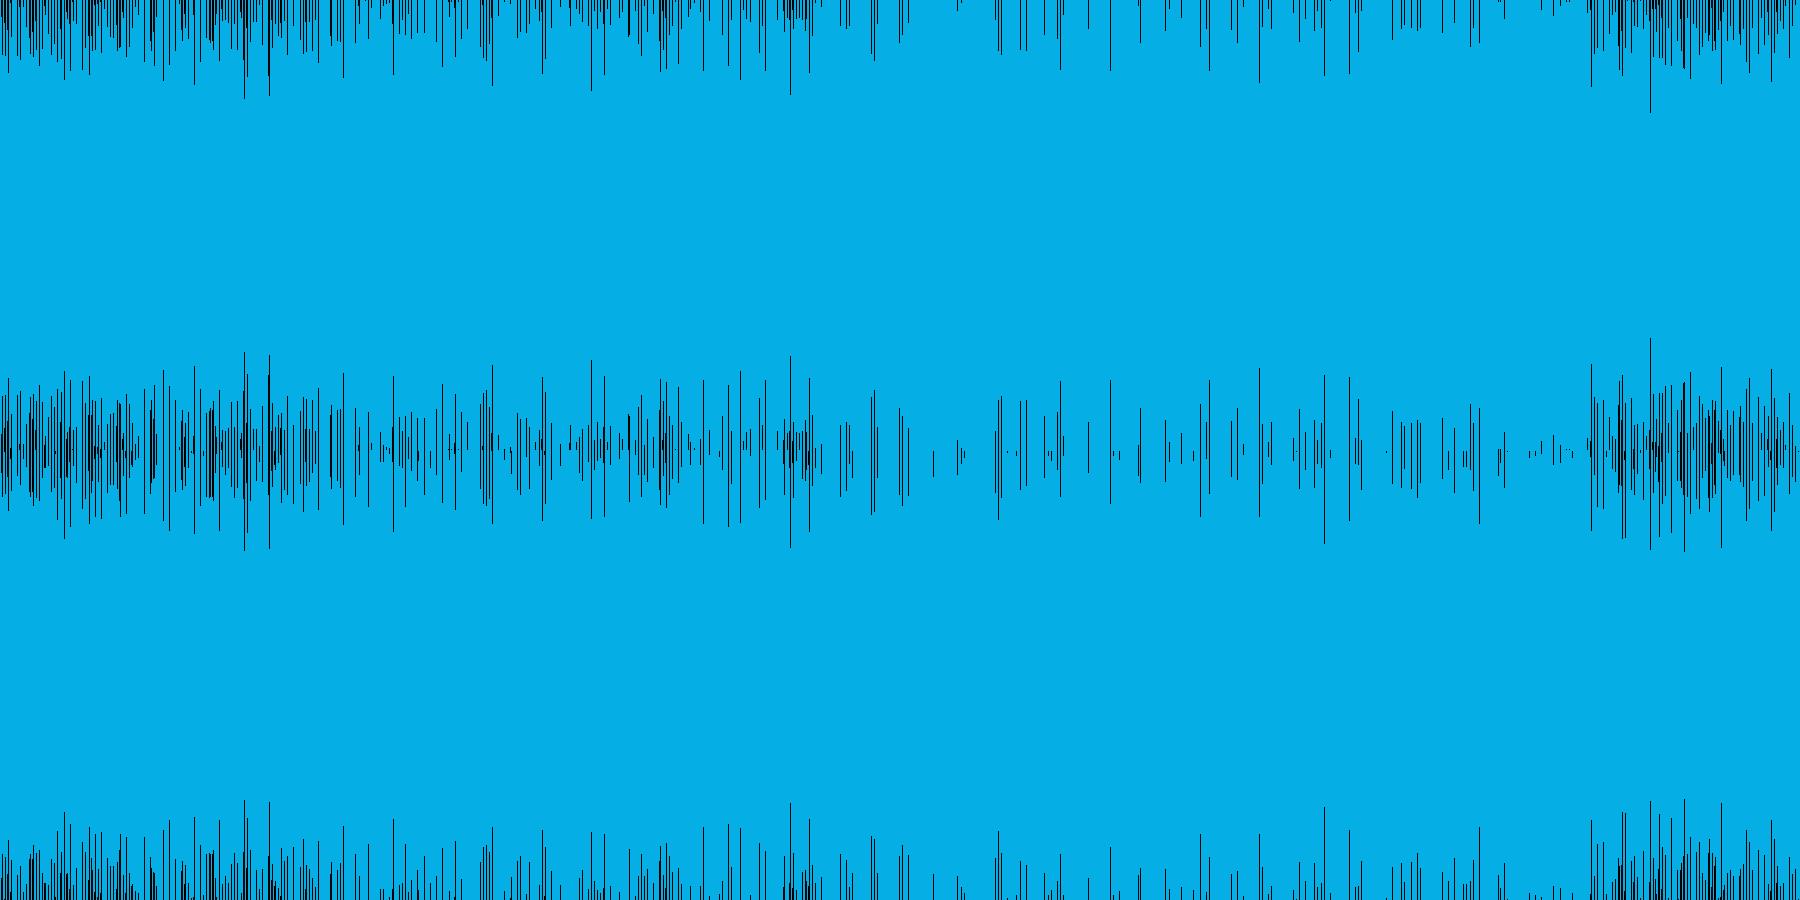 シューティングなど/疾走感/ループ可の再生済みの波形